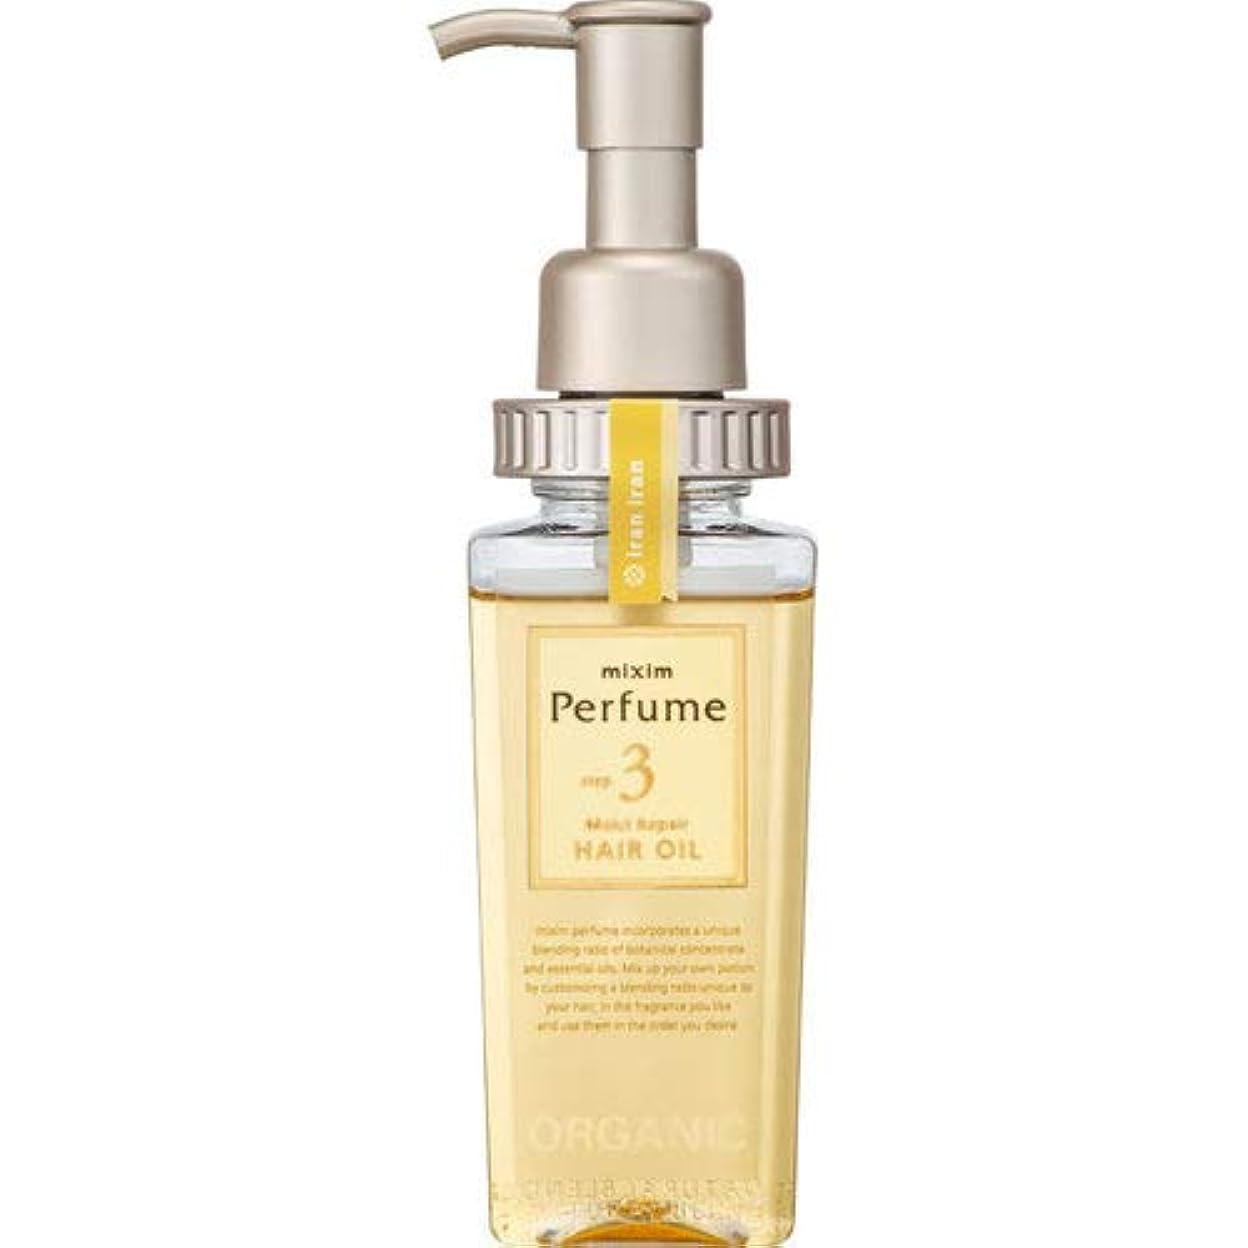 初期収まる茎mixim Perfume(ミクシムパフューム) モイストリペア ヘアオイル 100mL